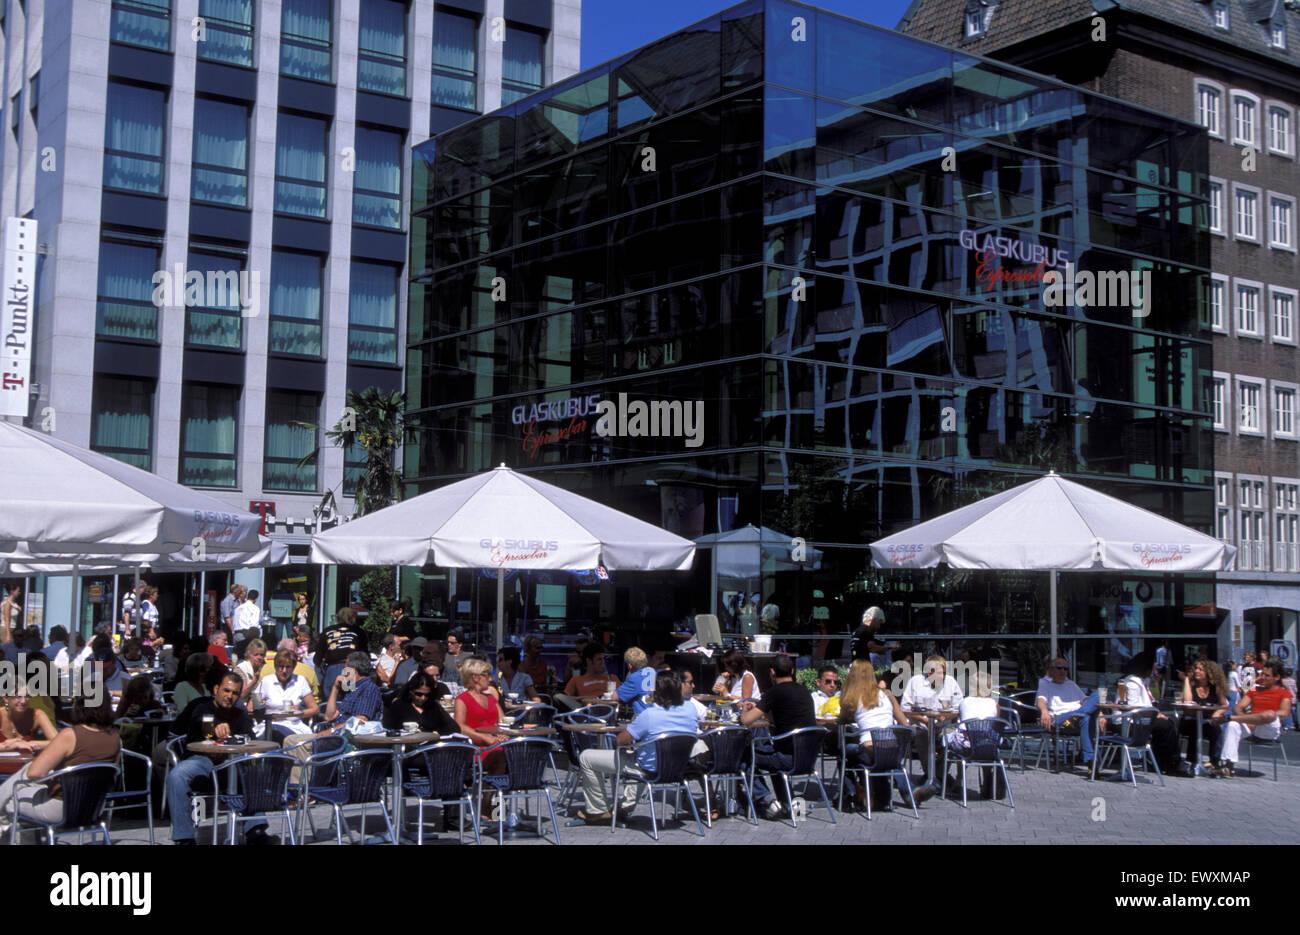 online dating deutschland vergleich Aachen